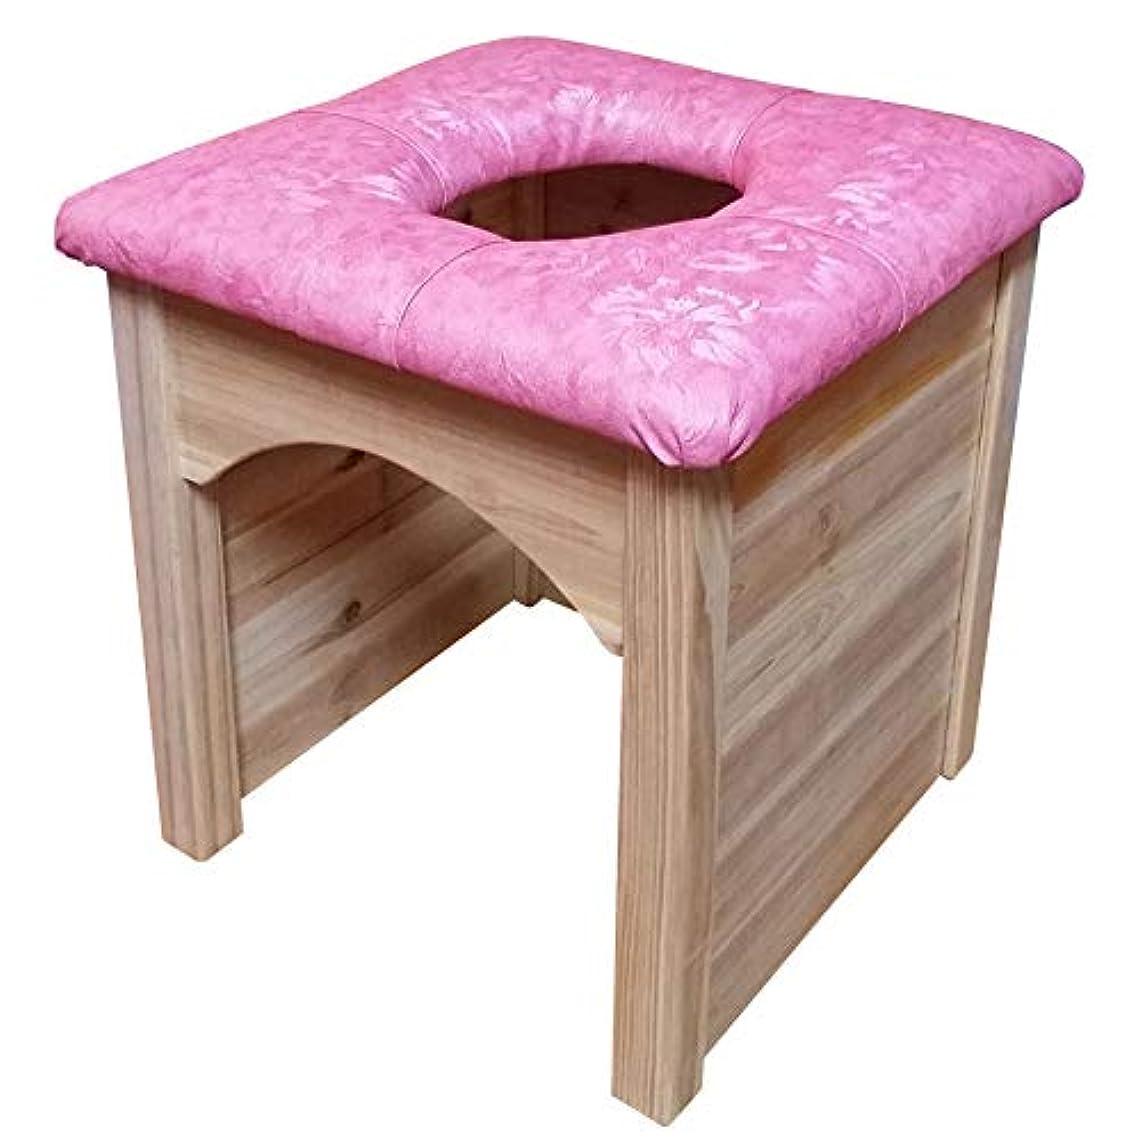 モールス信号防止広げる正品、、お勧めの、ヨモギ蒸し椅子セット、よもぎ蒸し椅子 単品